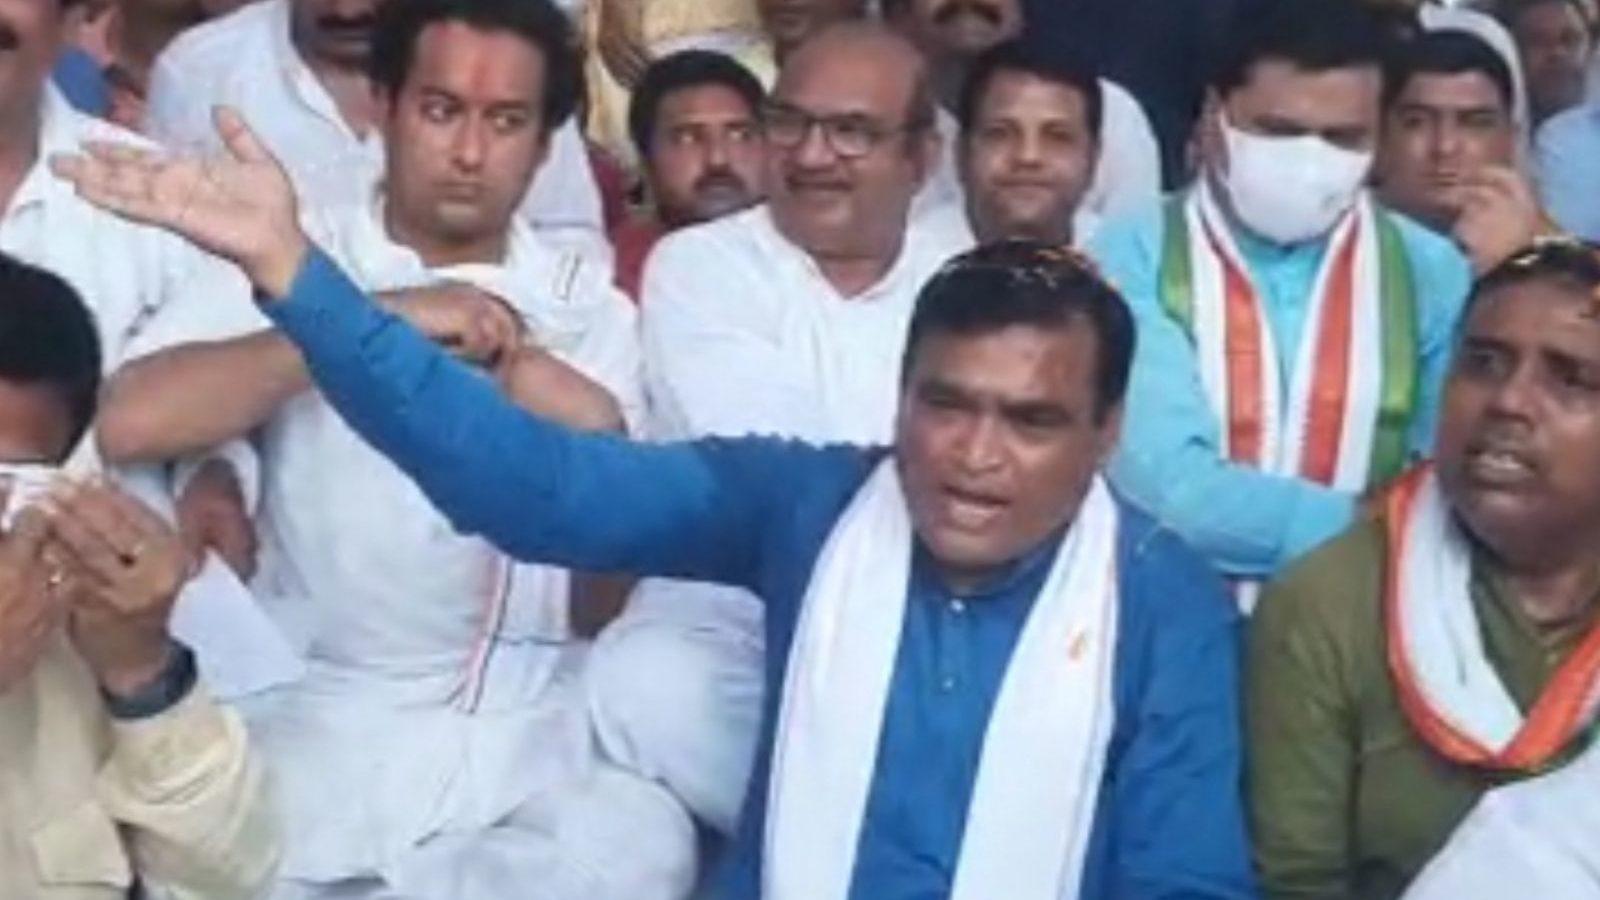 Viral Video: हमारी सरकार आएगी तो हिसाब करगें, कांग्रेस के पूर्व मंत्री ने अफसरों से क्यों कही दुम हिलाने वाली बात